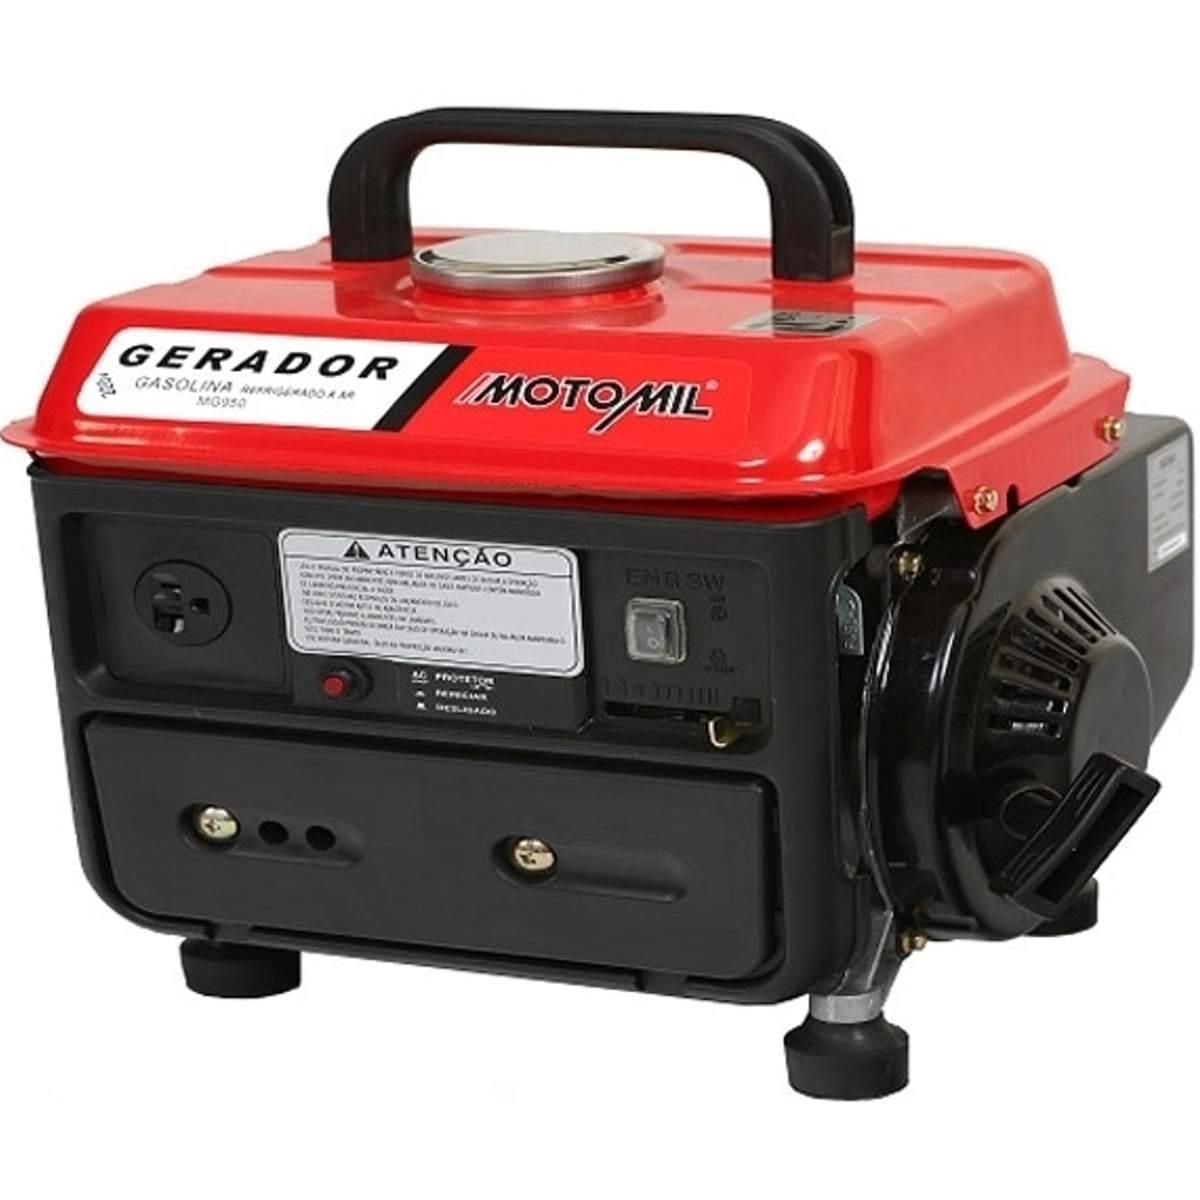 GERADOR MG- 950 800W 60HZ 2T 12VDC 220V A GASOLINA